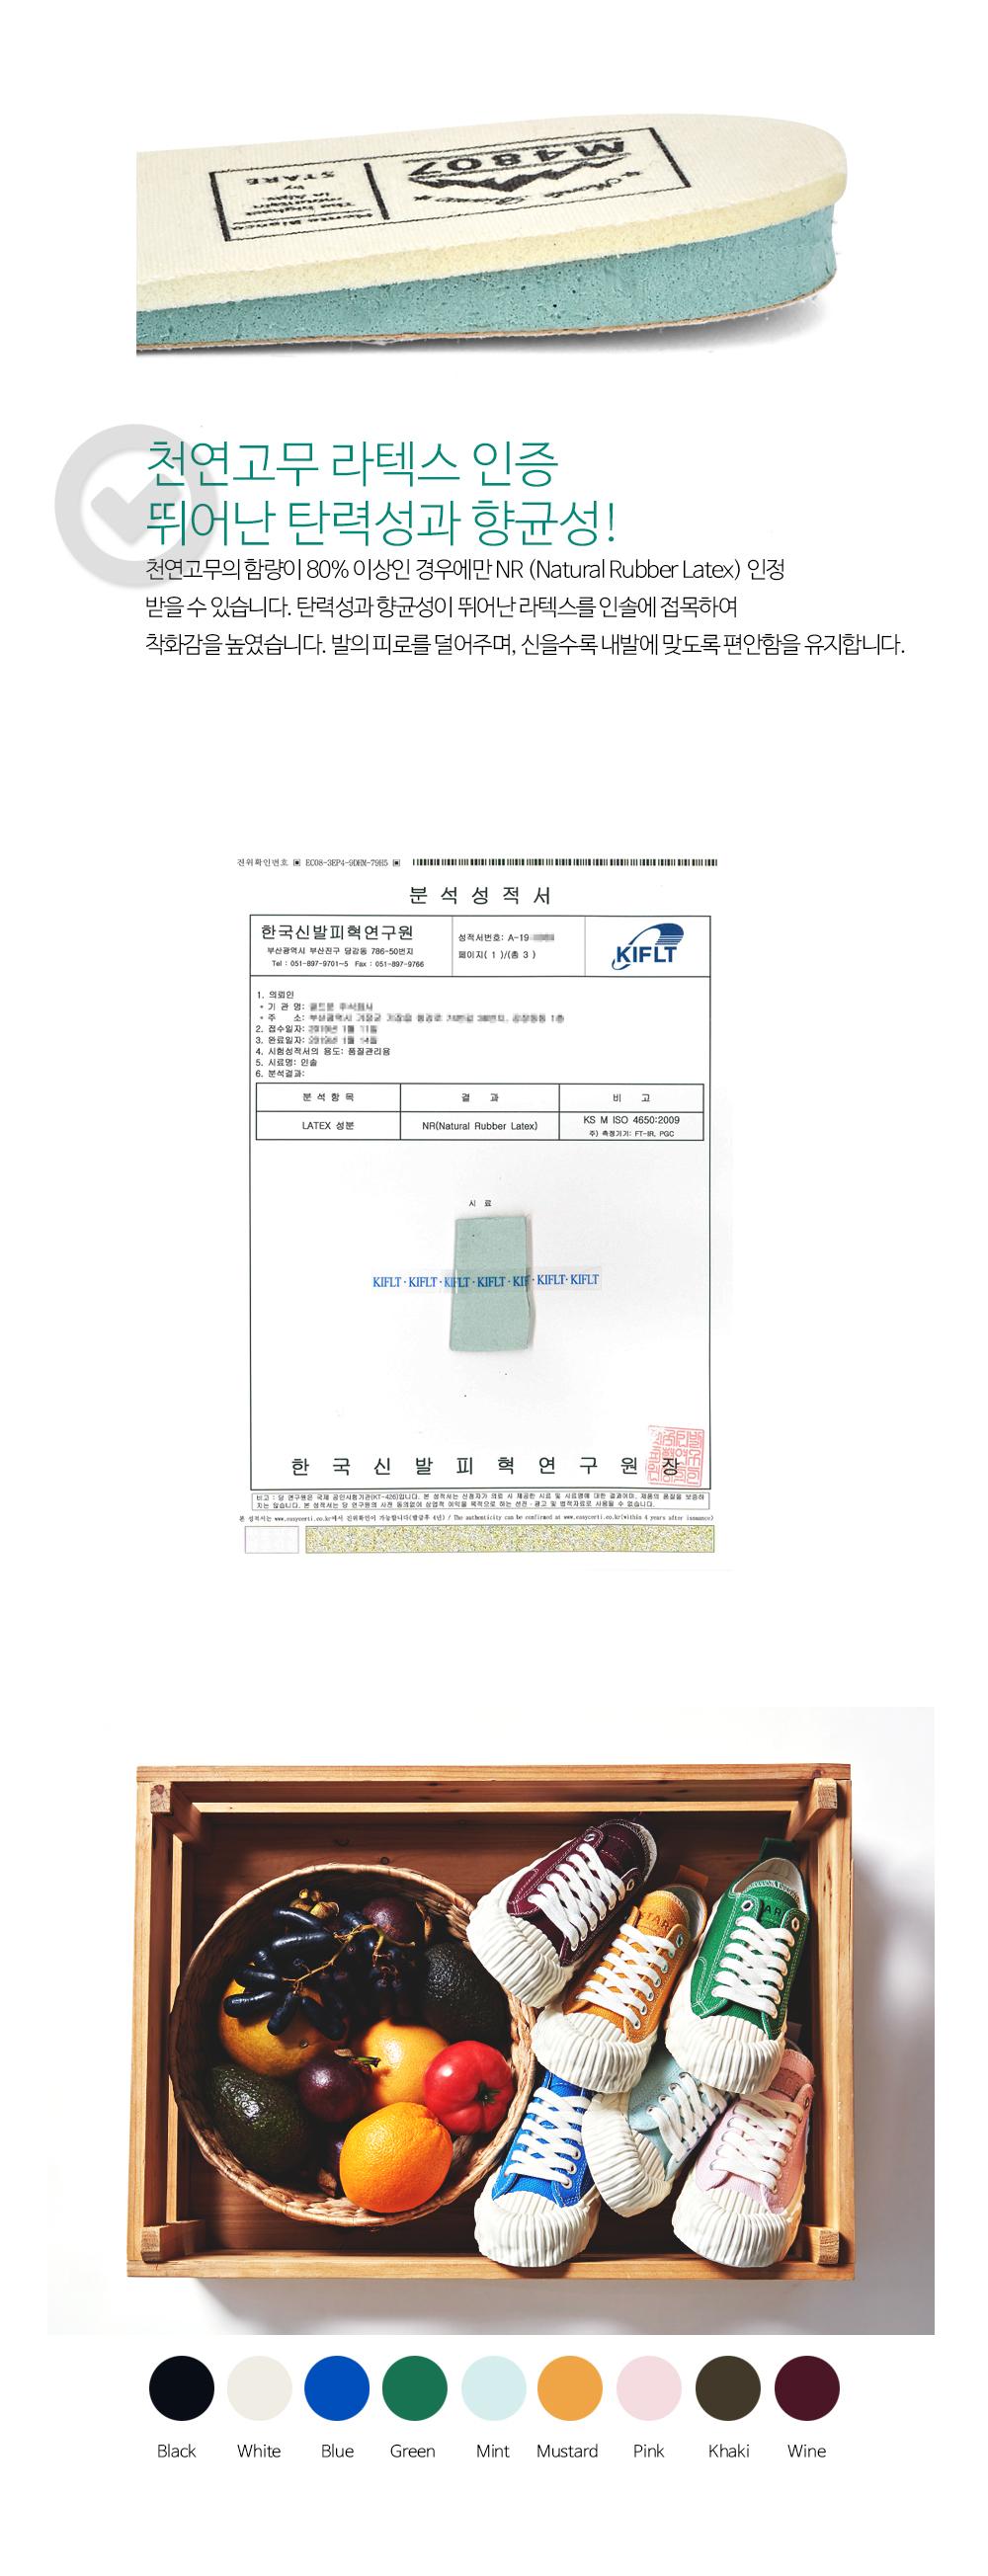 스테어(STARE) 남여공용 M4807 오리지널 캔버스 스니커즈_STU91LO002GE